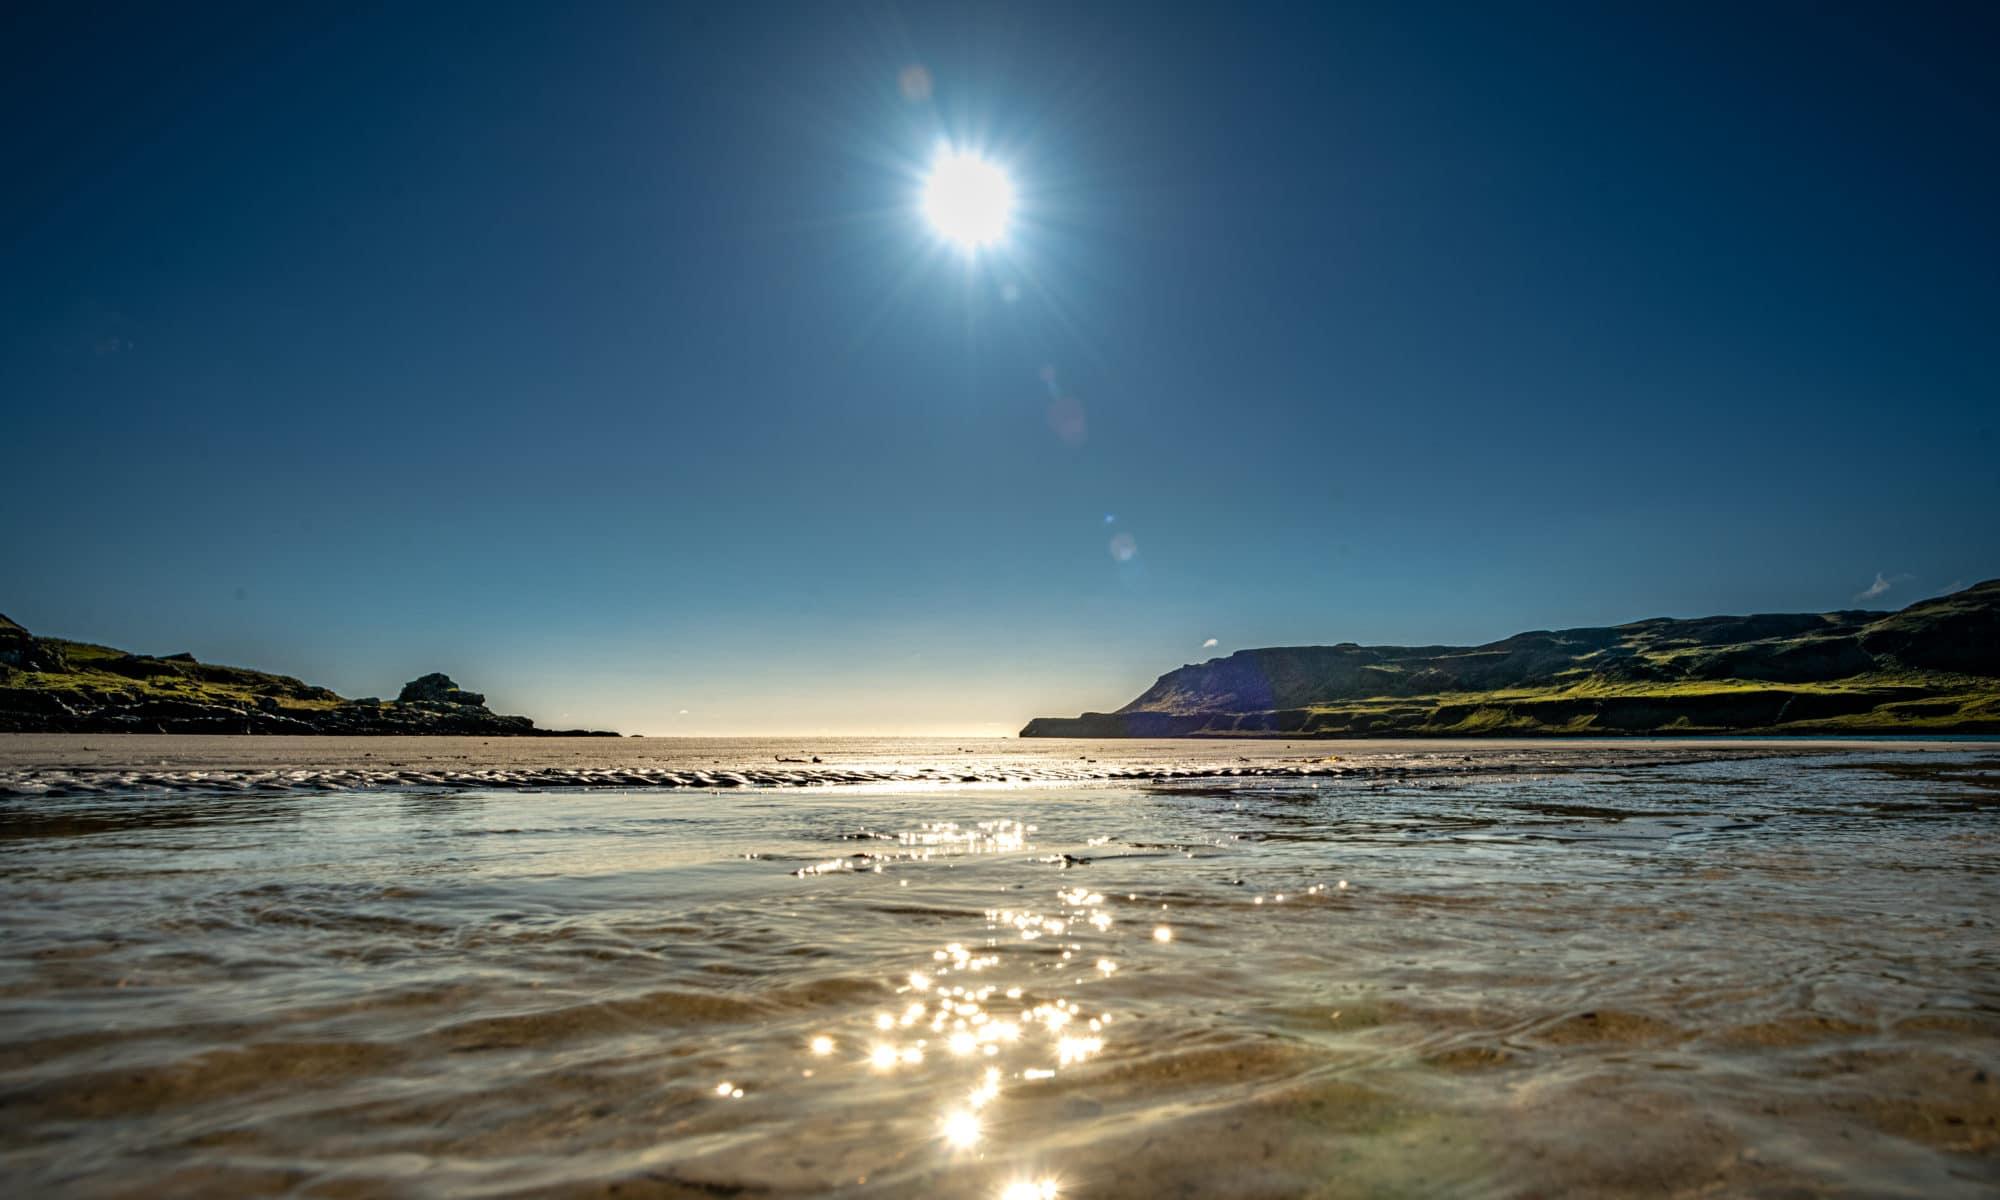 sunset-on-calgary-beach-sir-edwards-roadtrip